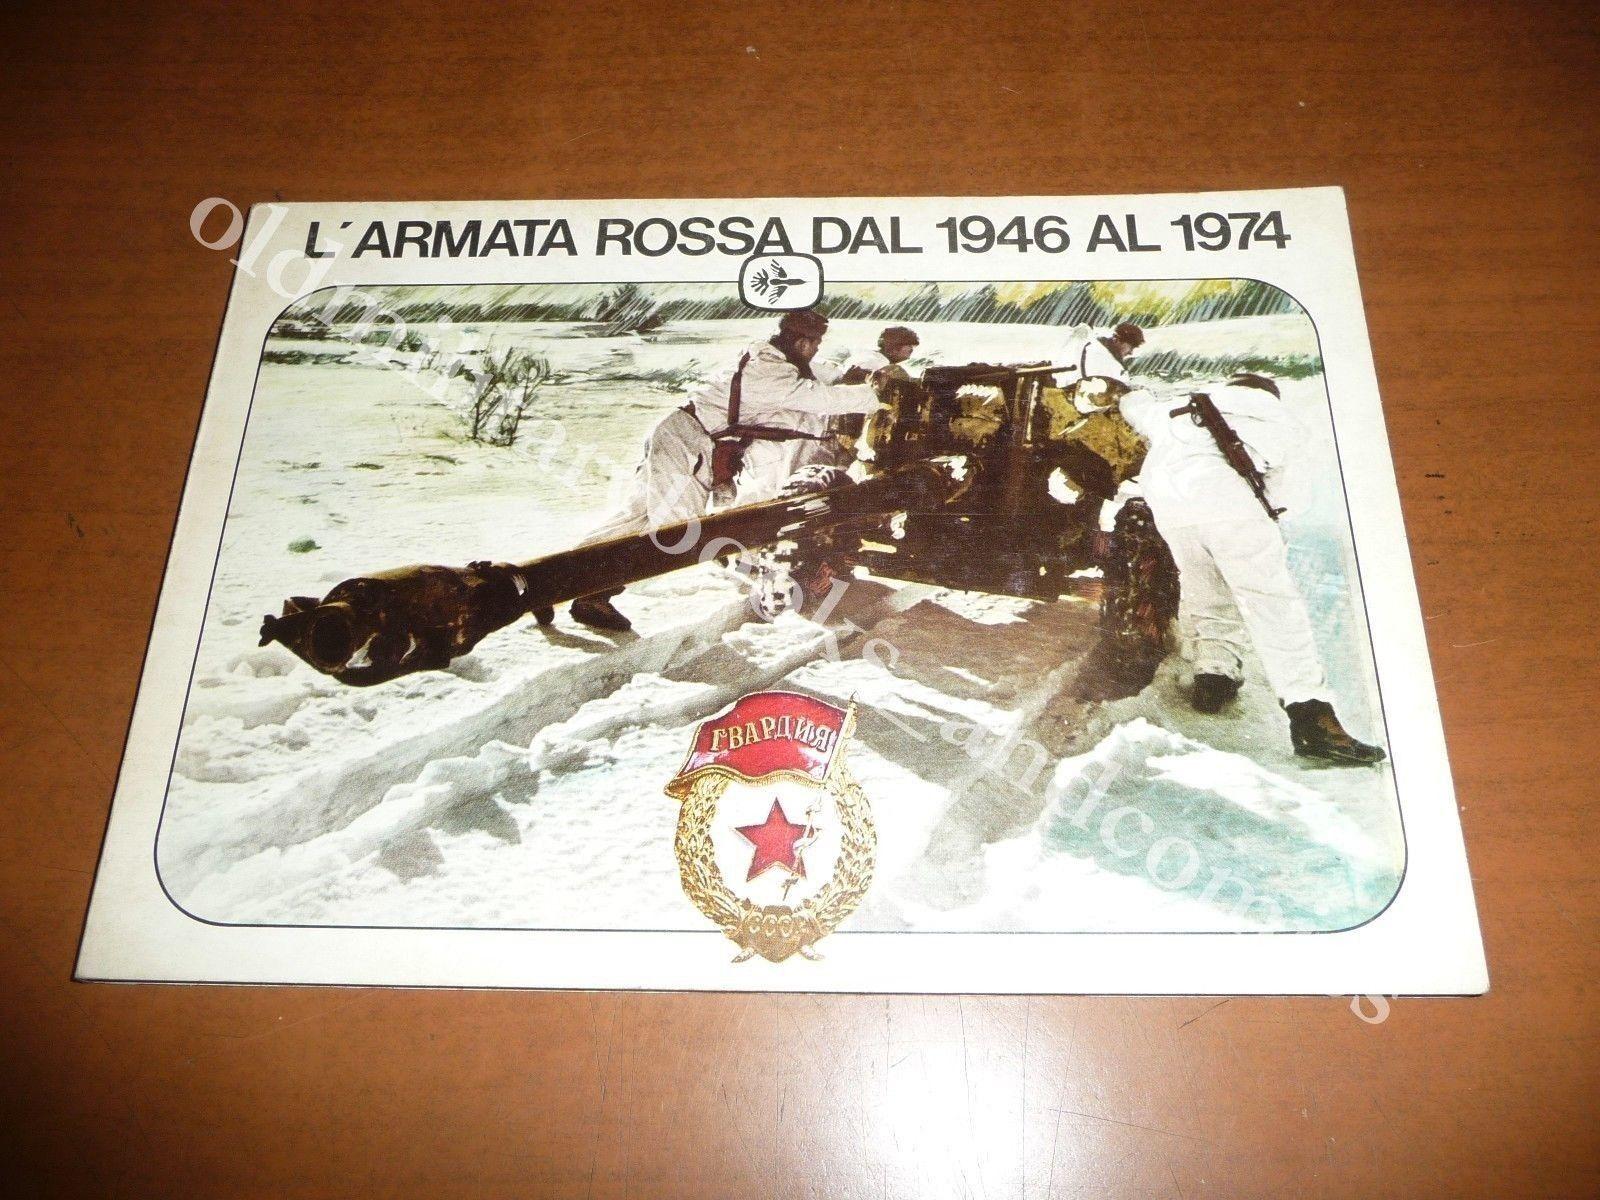 L'ARMATA ROSSA DAL 1946 AL 1974 BENEDETTO PAFI CARRI ARMATI TANK MEZZI CORAZZATI